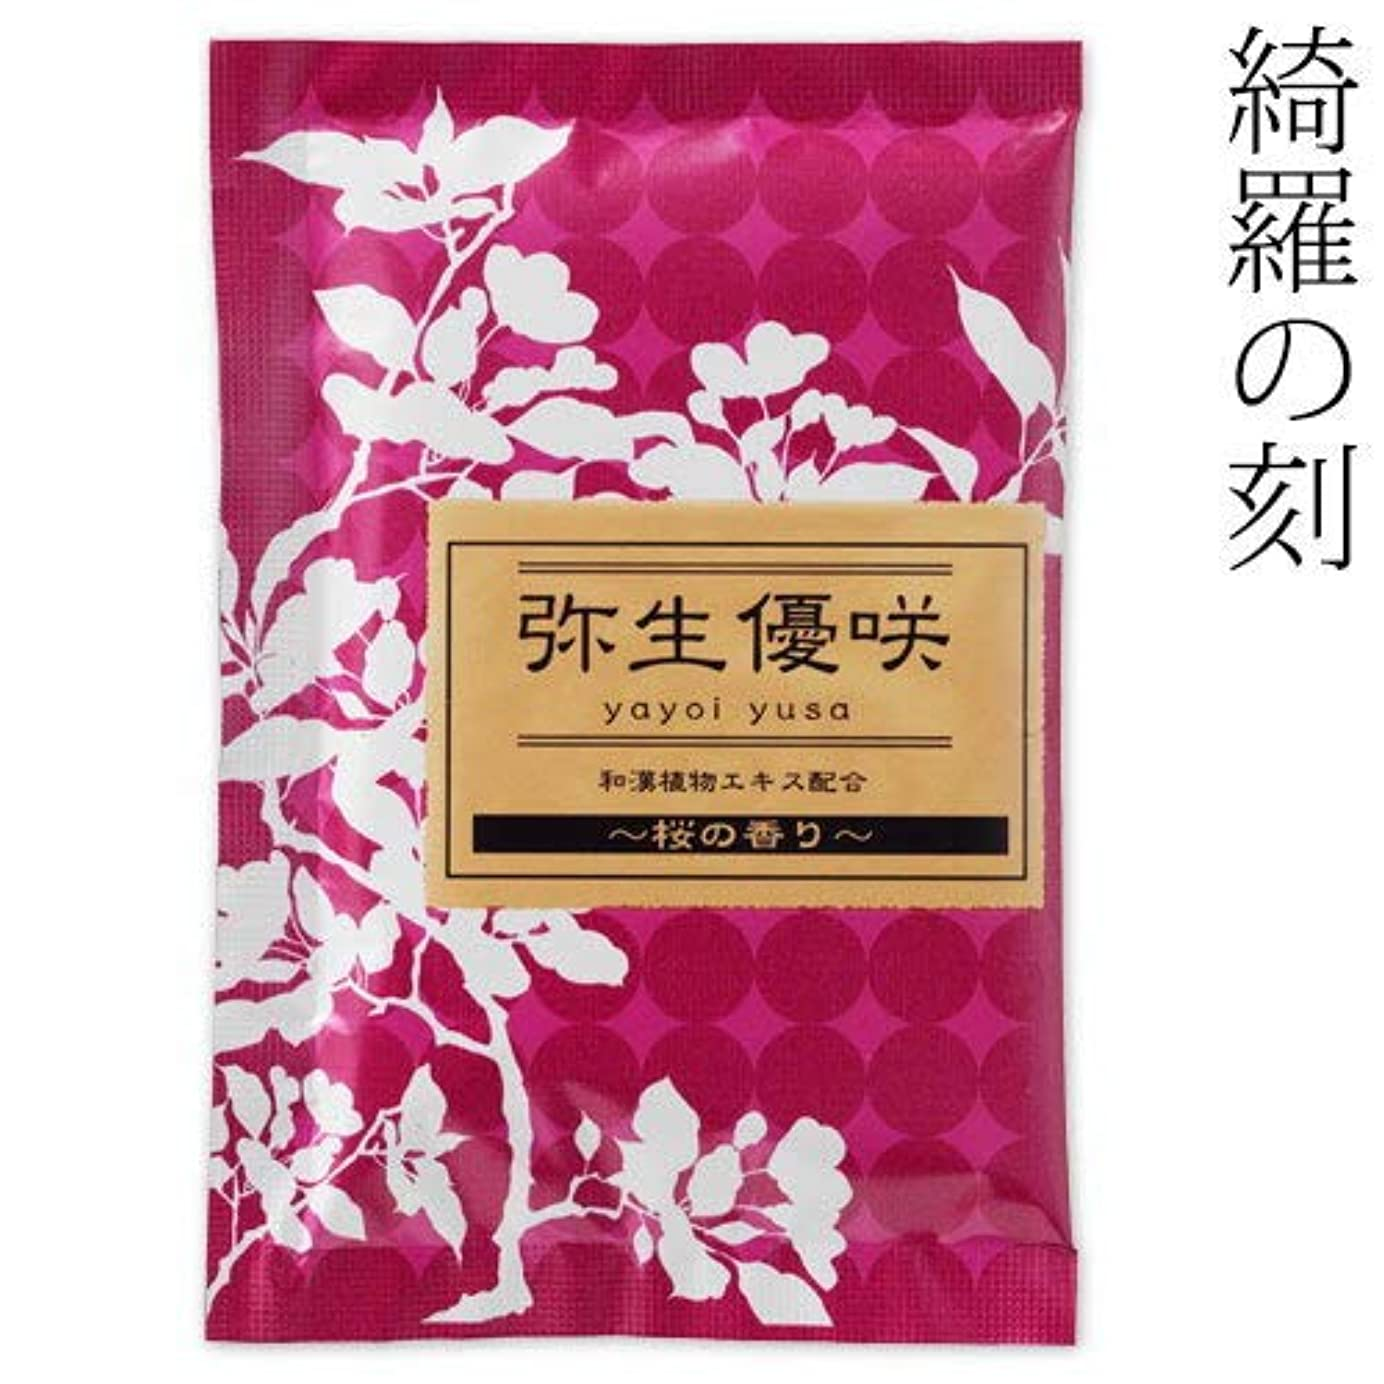 抱擁プレゼント硫黄入浴剤綺羅の刻桜の香り弥生優咲1包石川県のお風呂グッズBath additive, Ishikawa craft